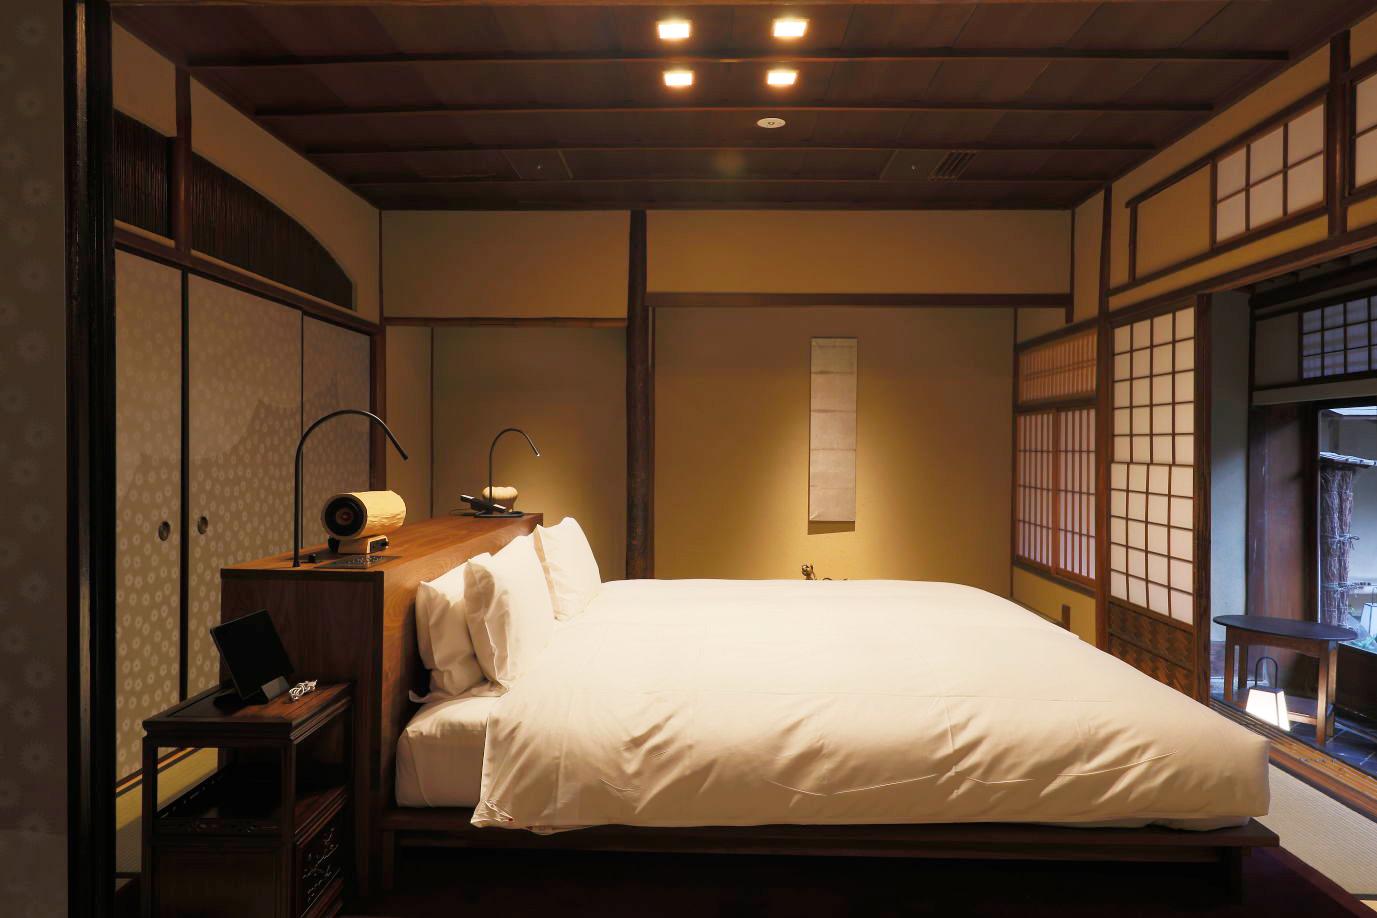 個性豊かなホテルが勢揃い!【京都・祇園エリア】一度は泊まってみたいおしゃれホテル5選